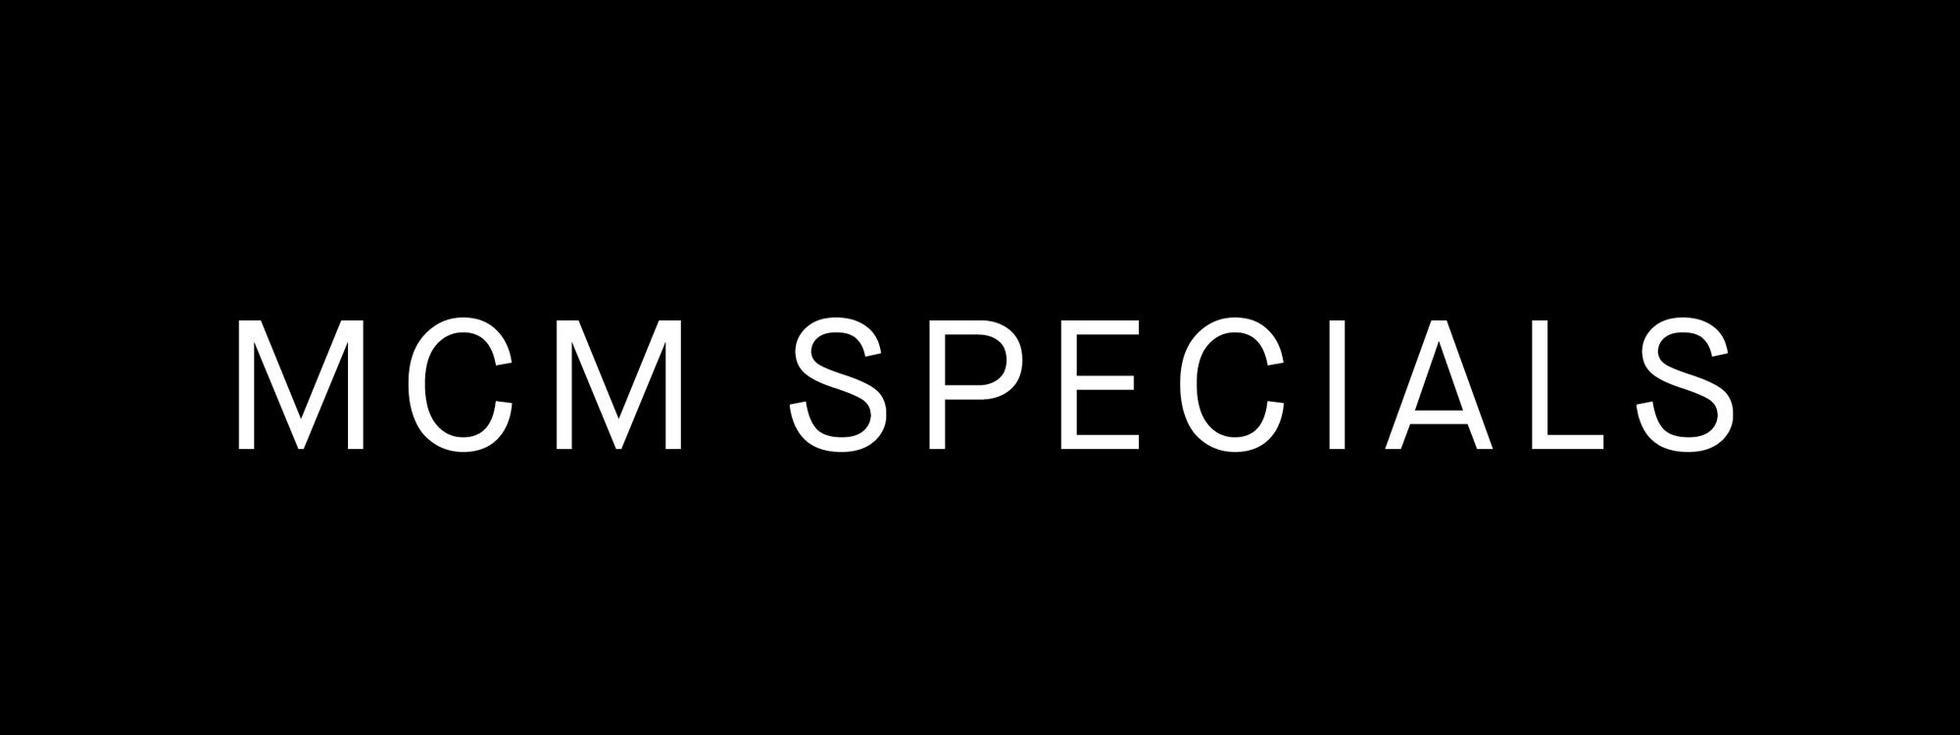 mcm specials